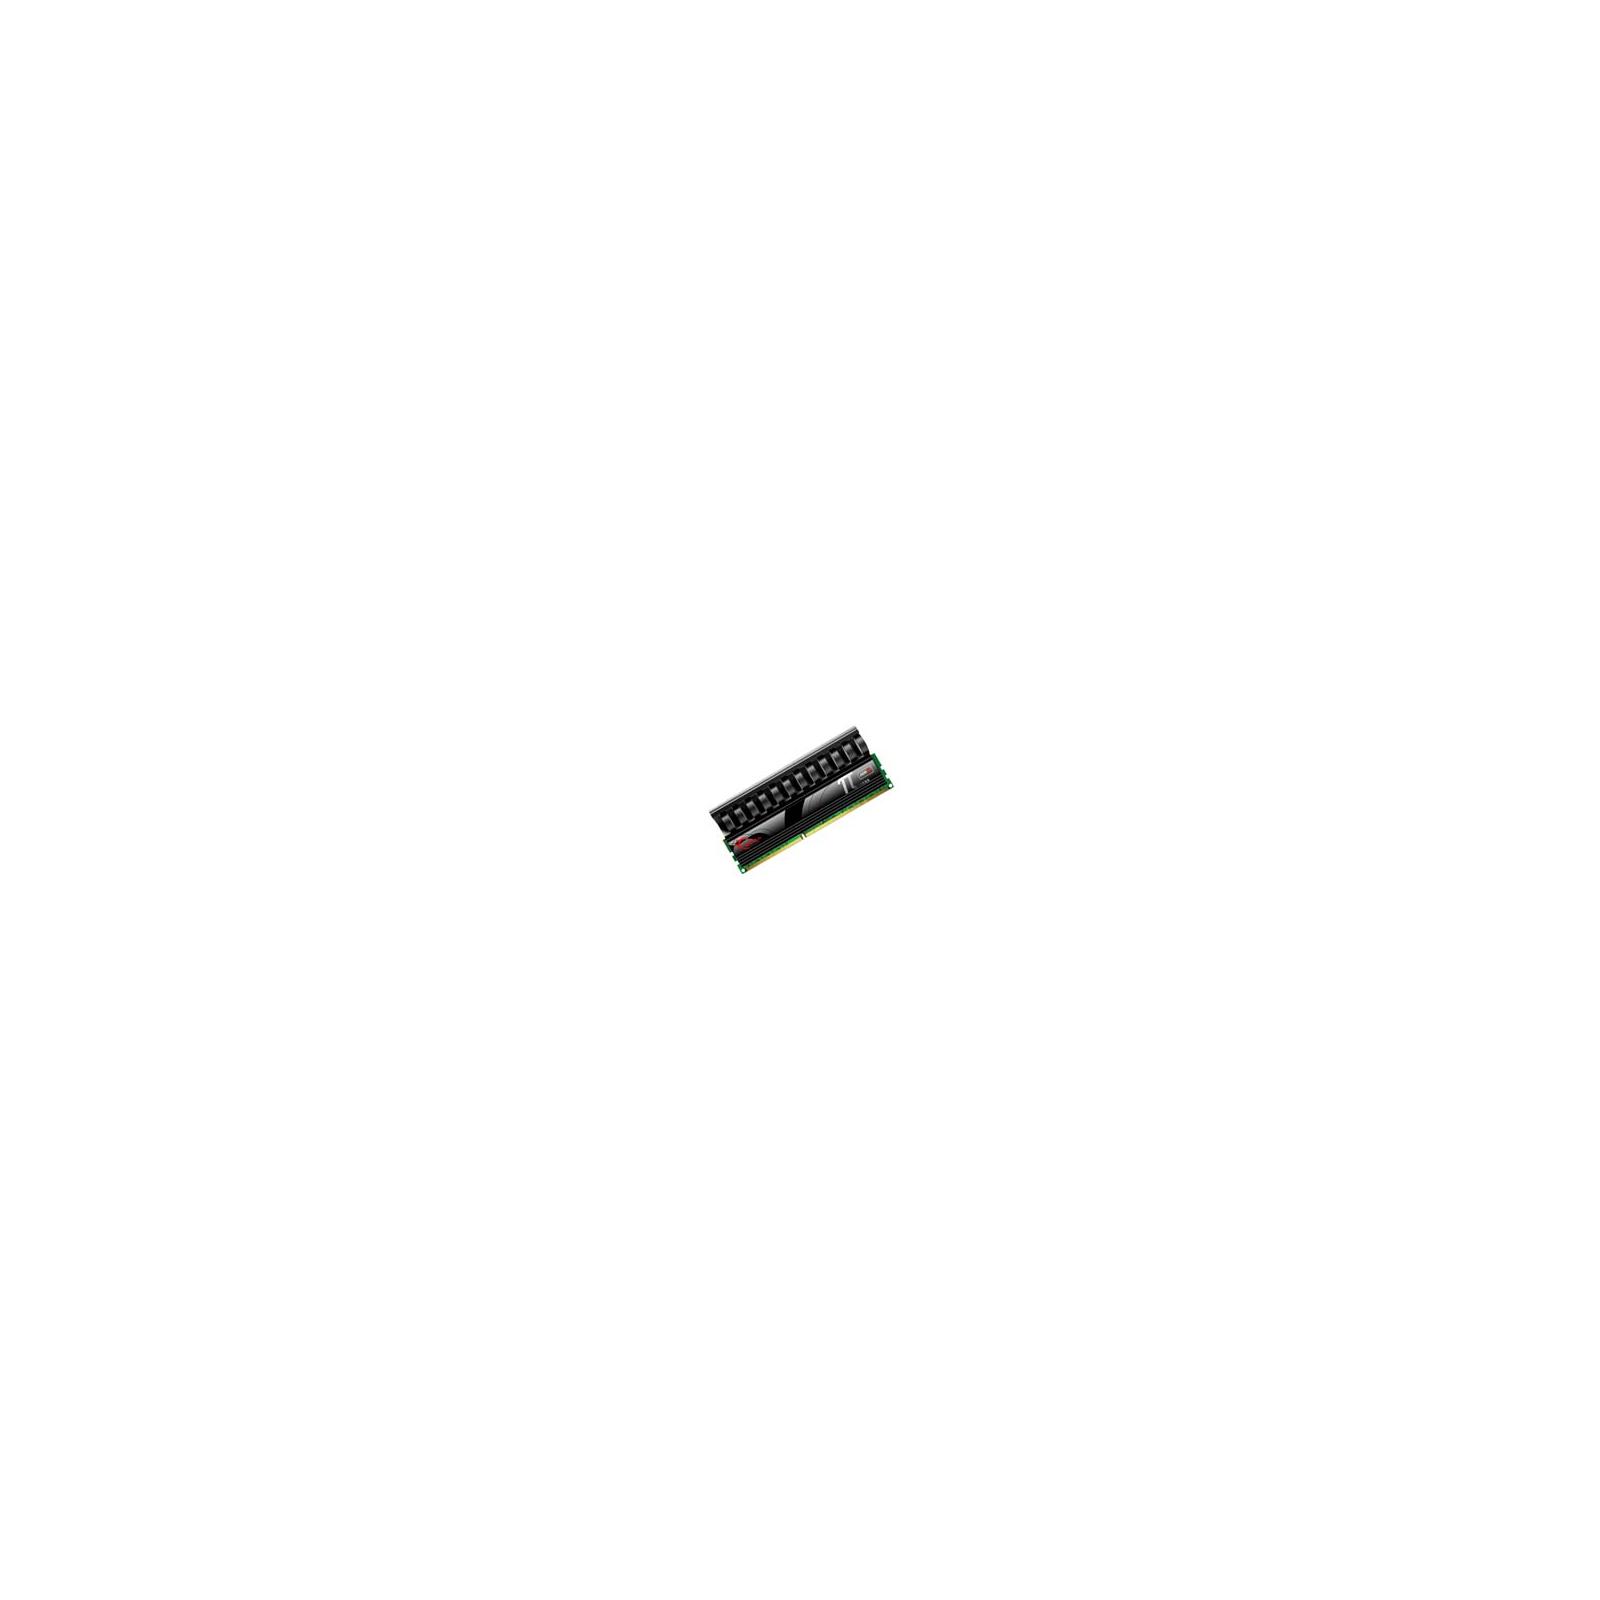 Модуль памяти для компьютера DDR2 4GB (2х2GB) 1066 MHz G.Skill (F2-8500CL5D-4GBPI-B)